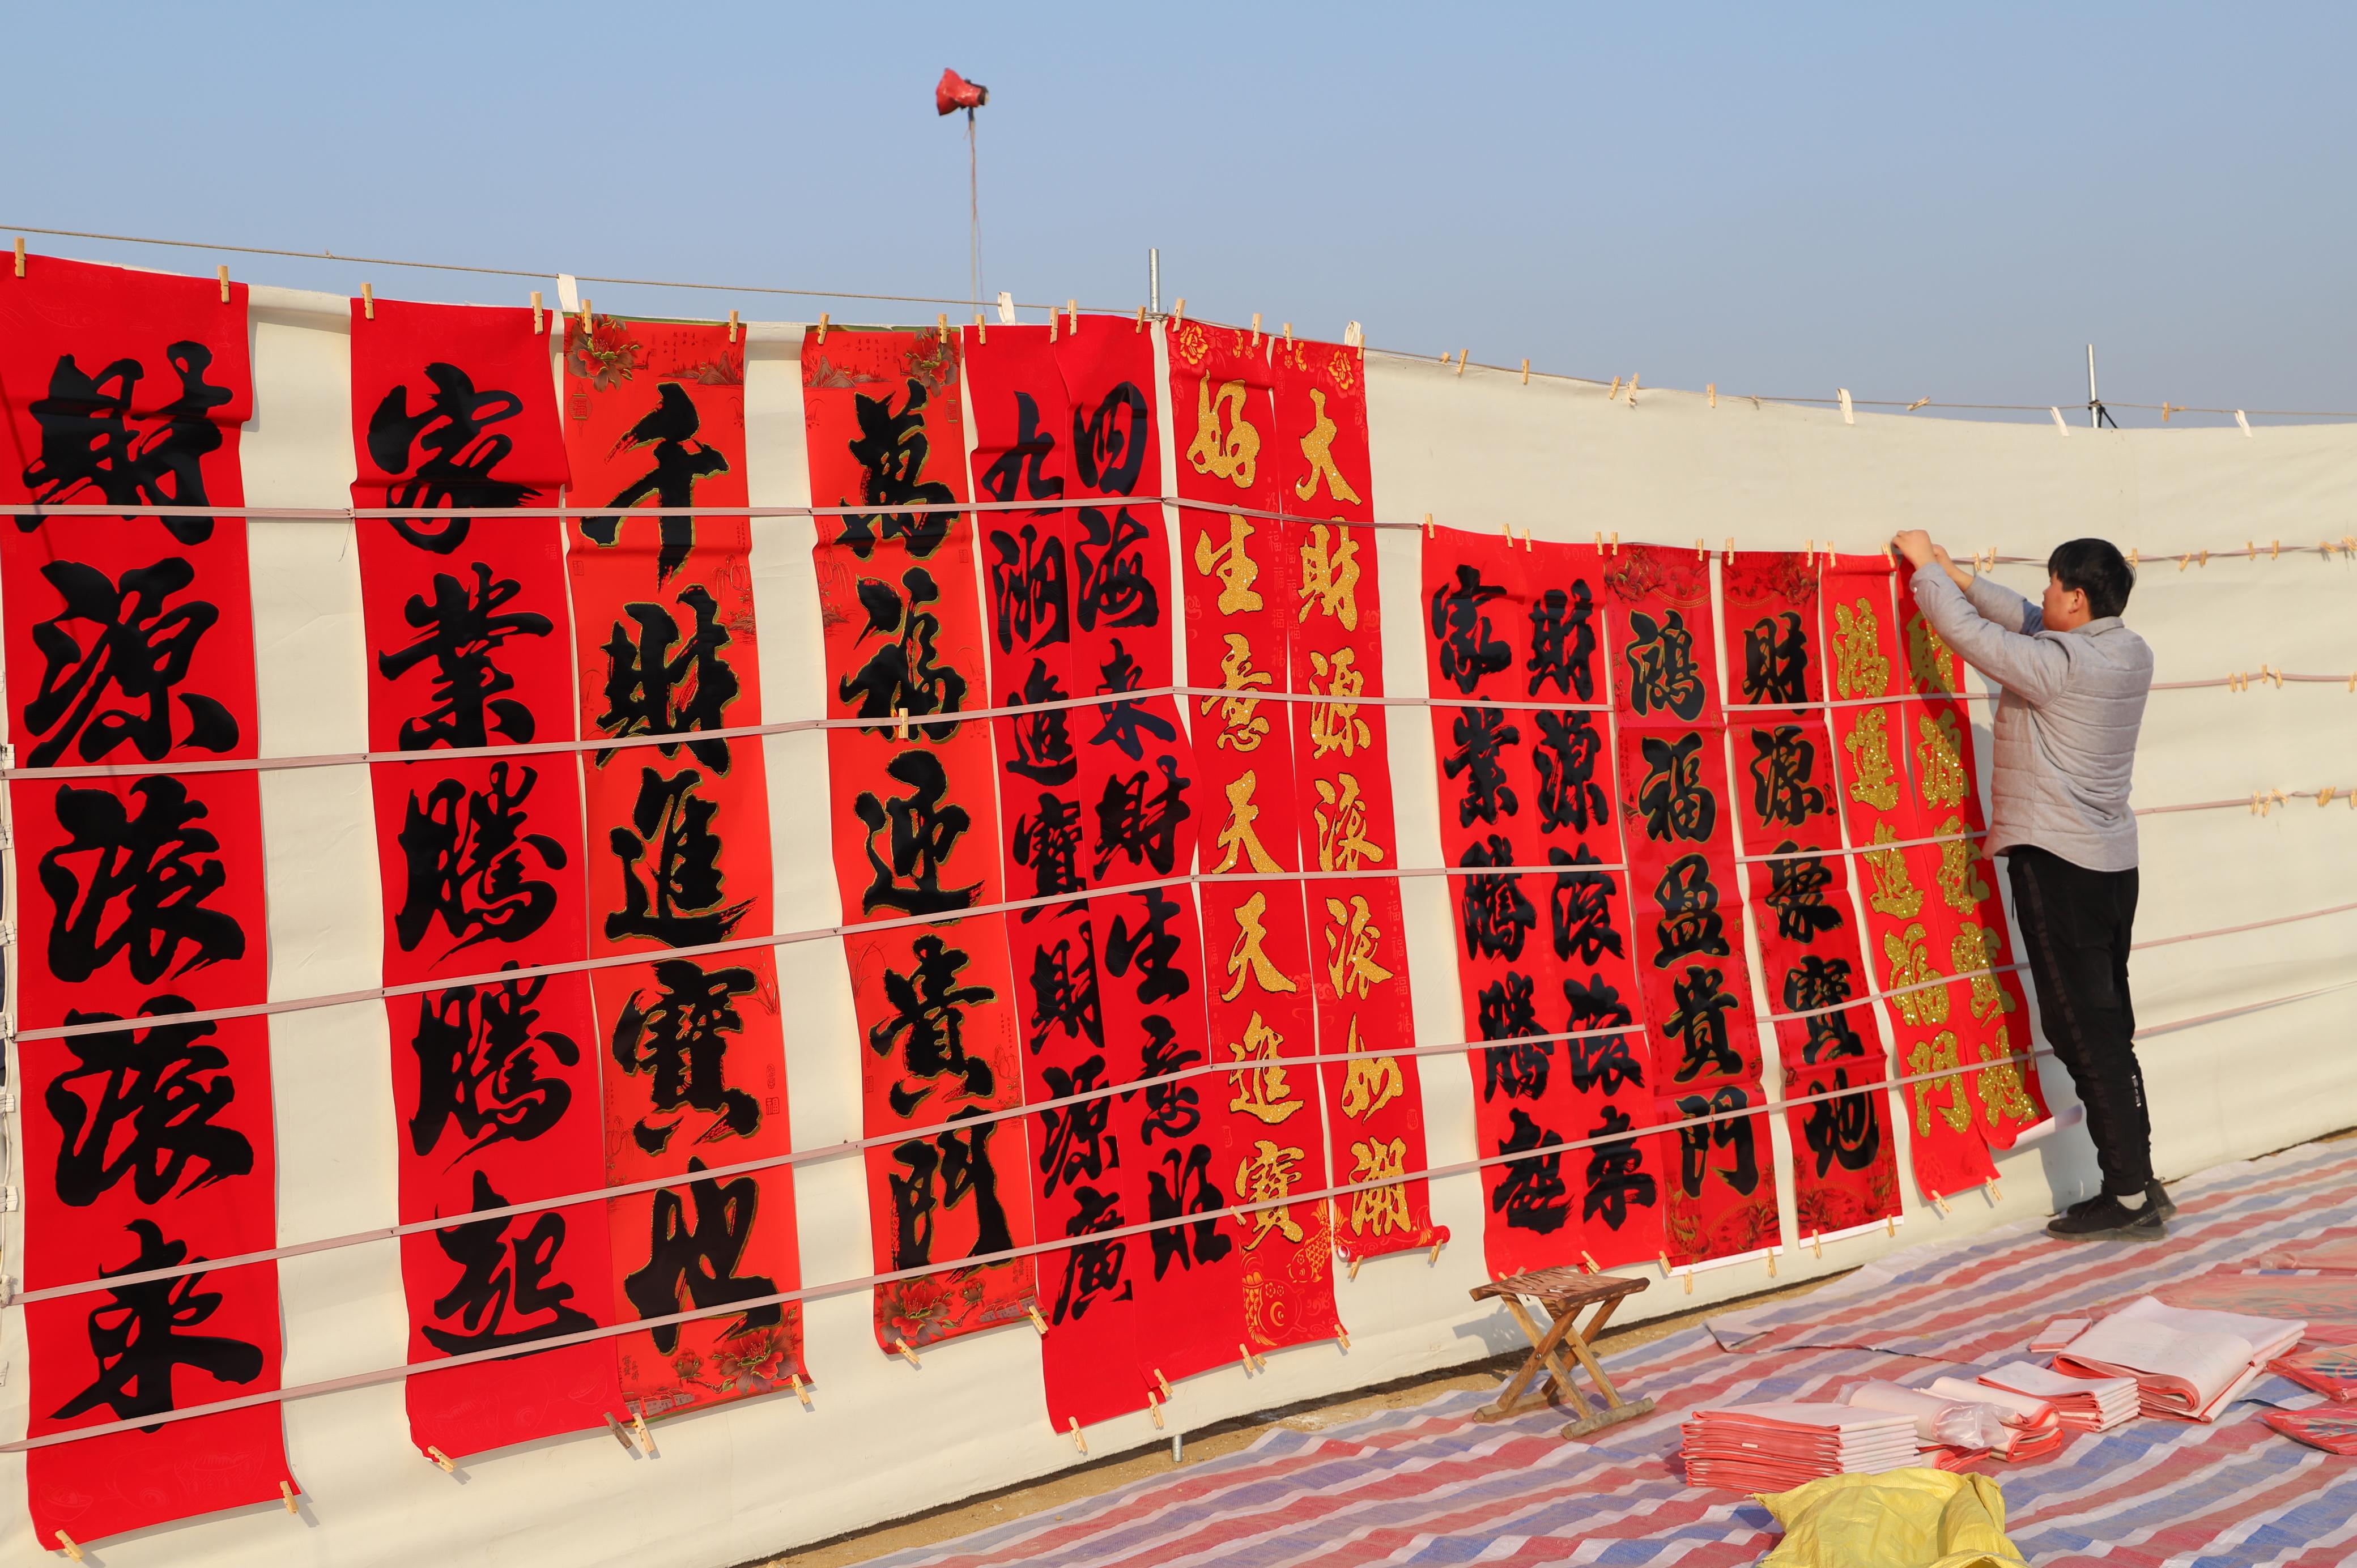 26秒丨年味渐浓 日照市东港区三庄镇乡村文化大集启用